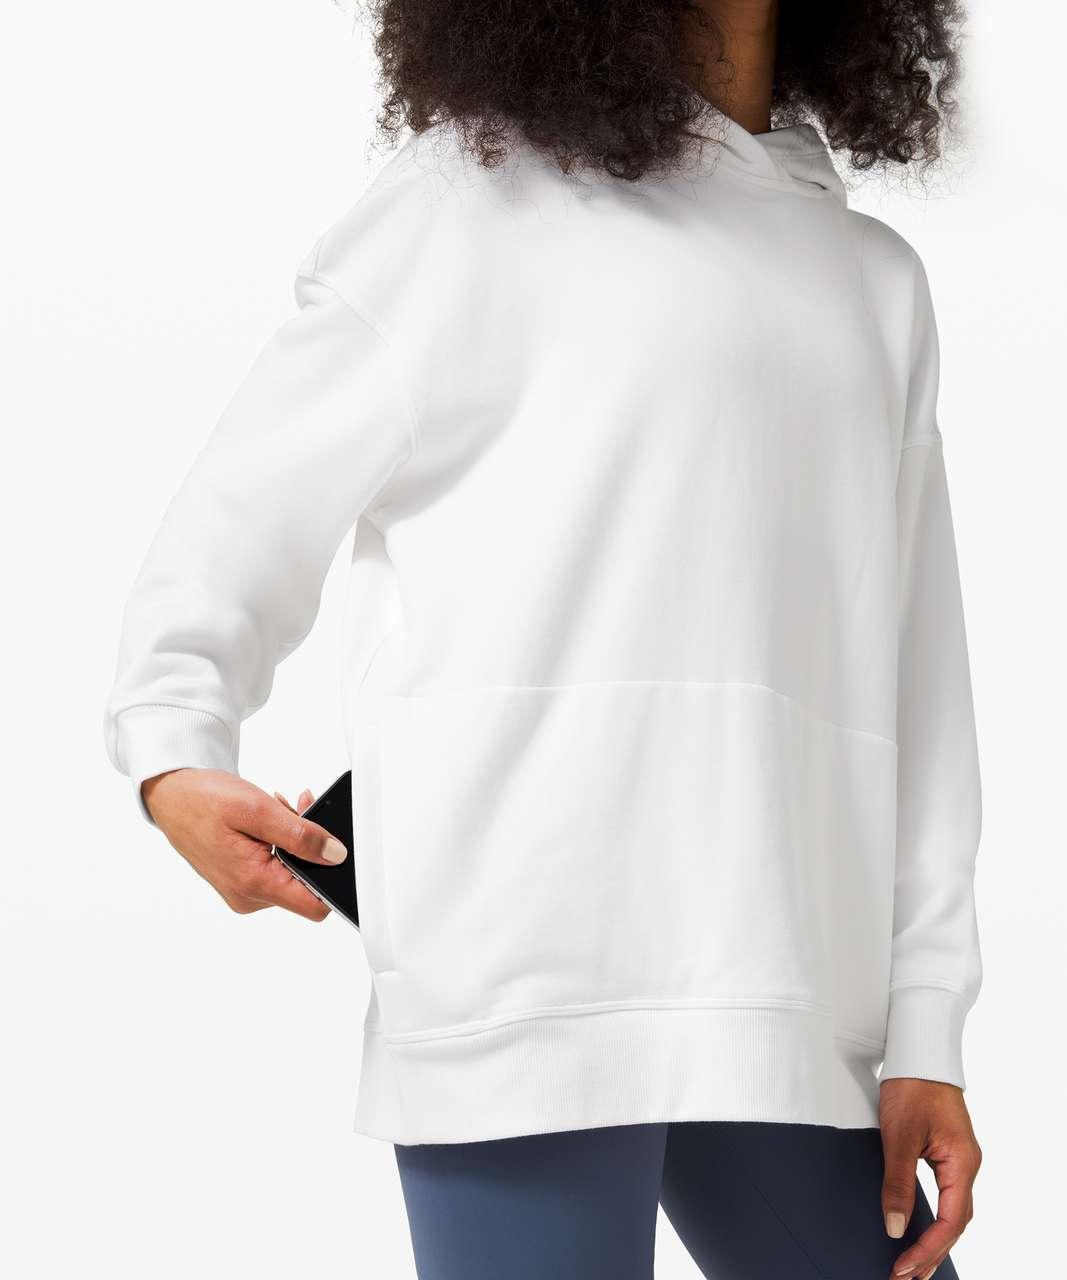 Lululemon Perfectly Oversized Hoodie - White